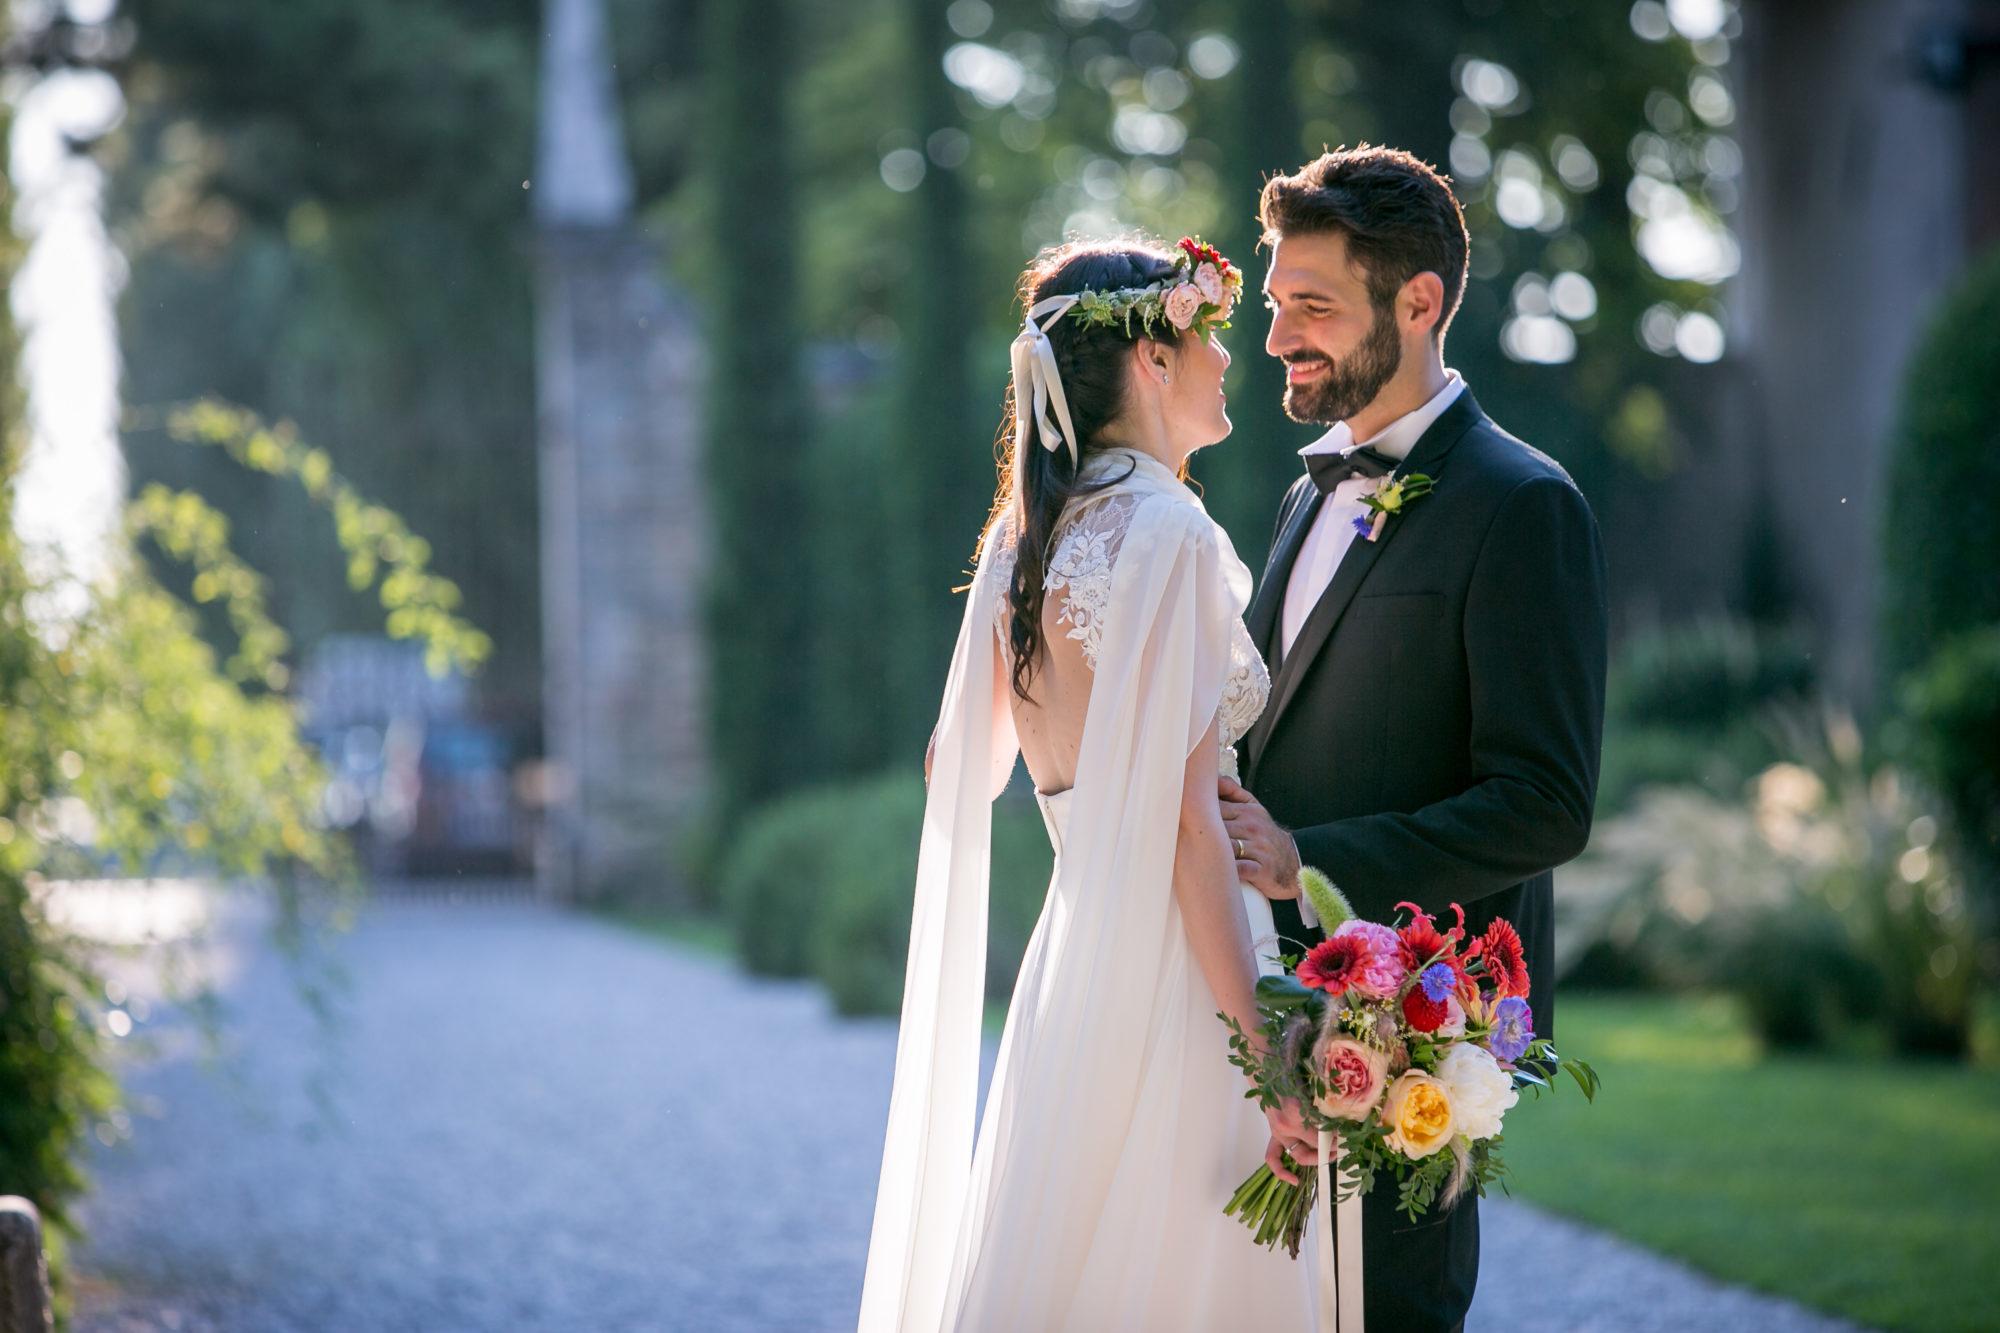 0022_gilberti_ricca_convento_annunciata_fotografi_matrimonio